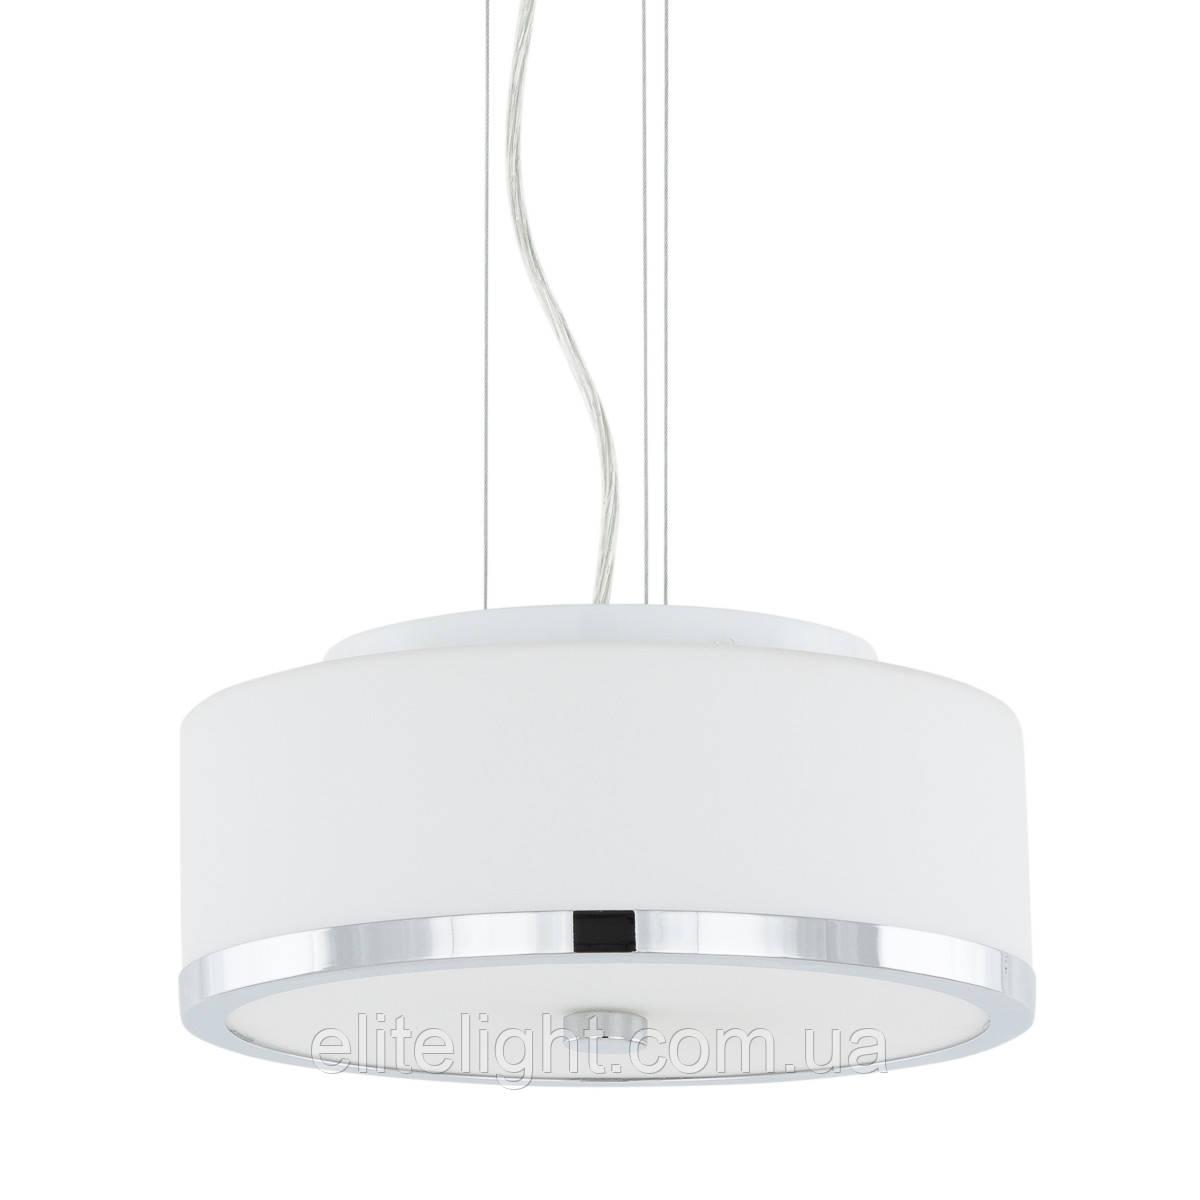 Подвесной светильник Italux Loris MA01806CD-002